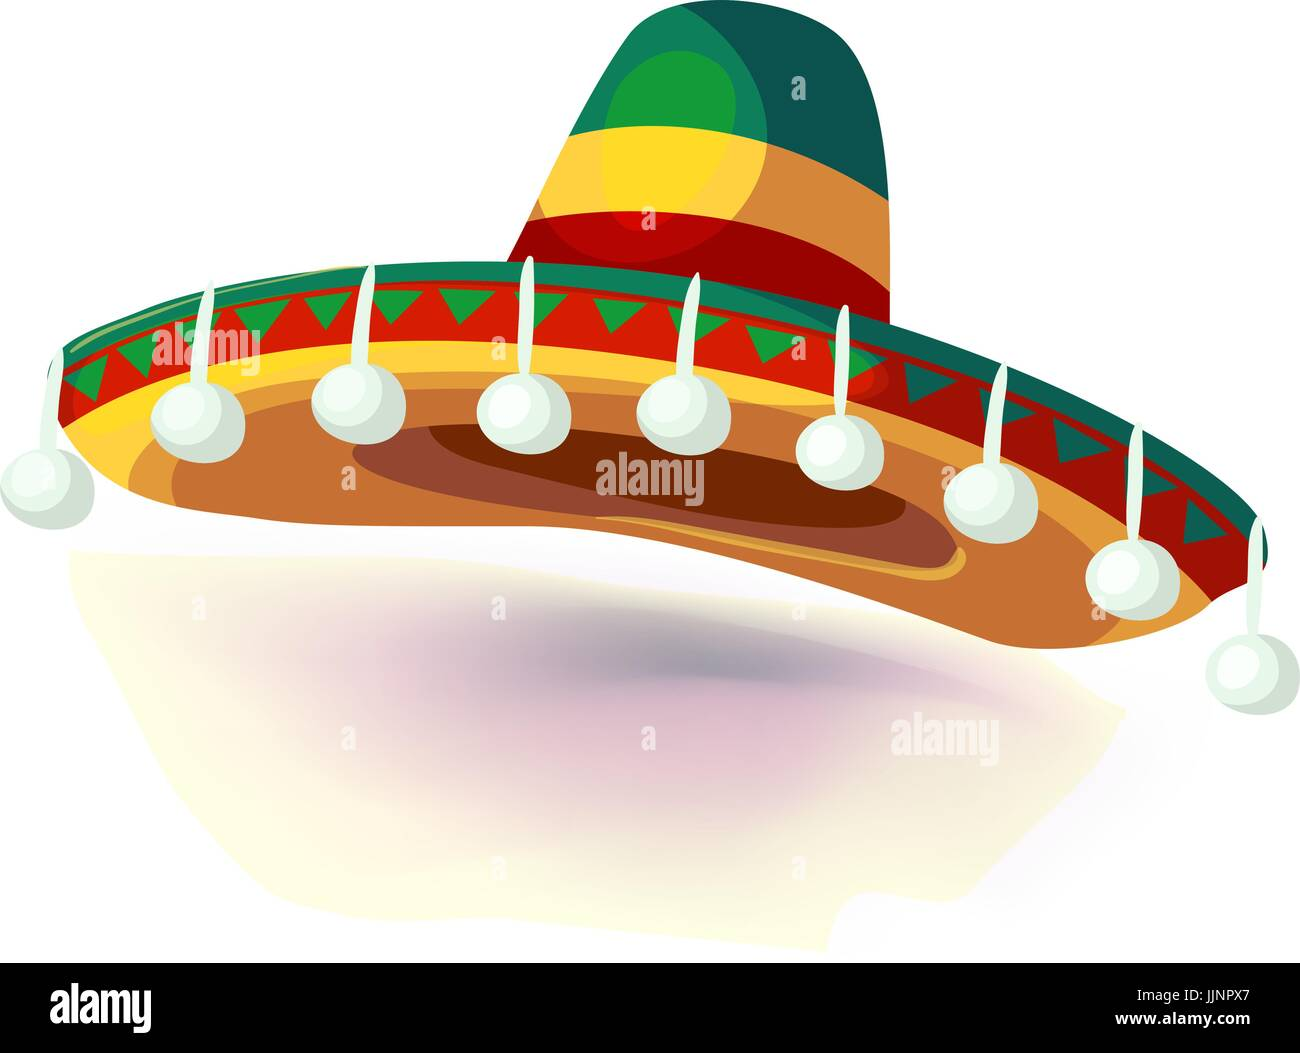 Ilustración vectorial. sombrero Sombrero Mexican Hat sobre fondo blanco. masquerade tocado o disfraz de carnaval Ilustración del Vector